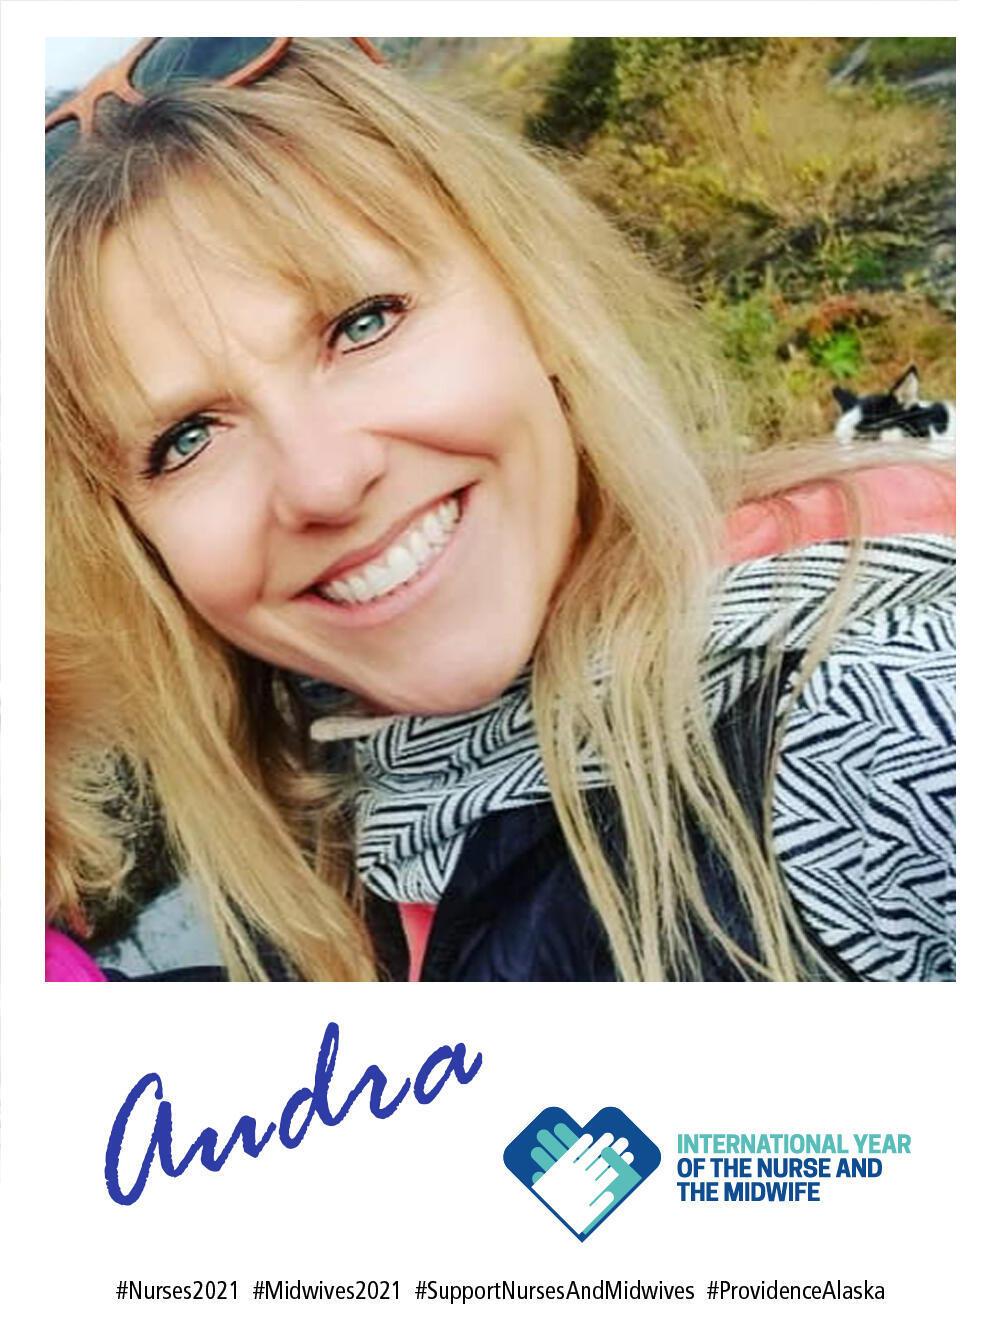 Audra McCann - Celebrating nurses